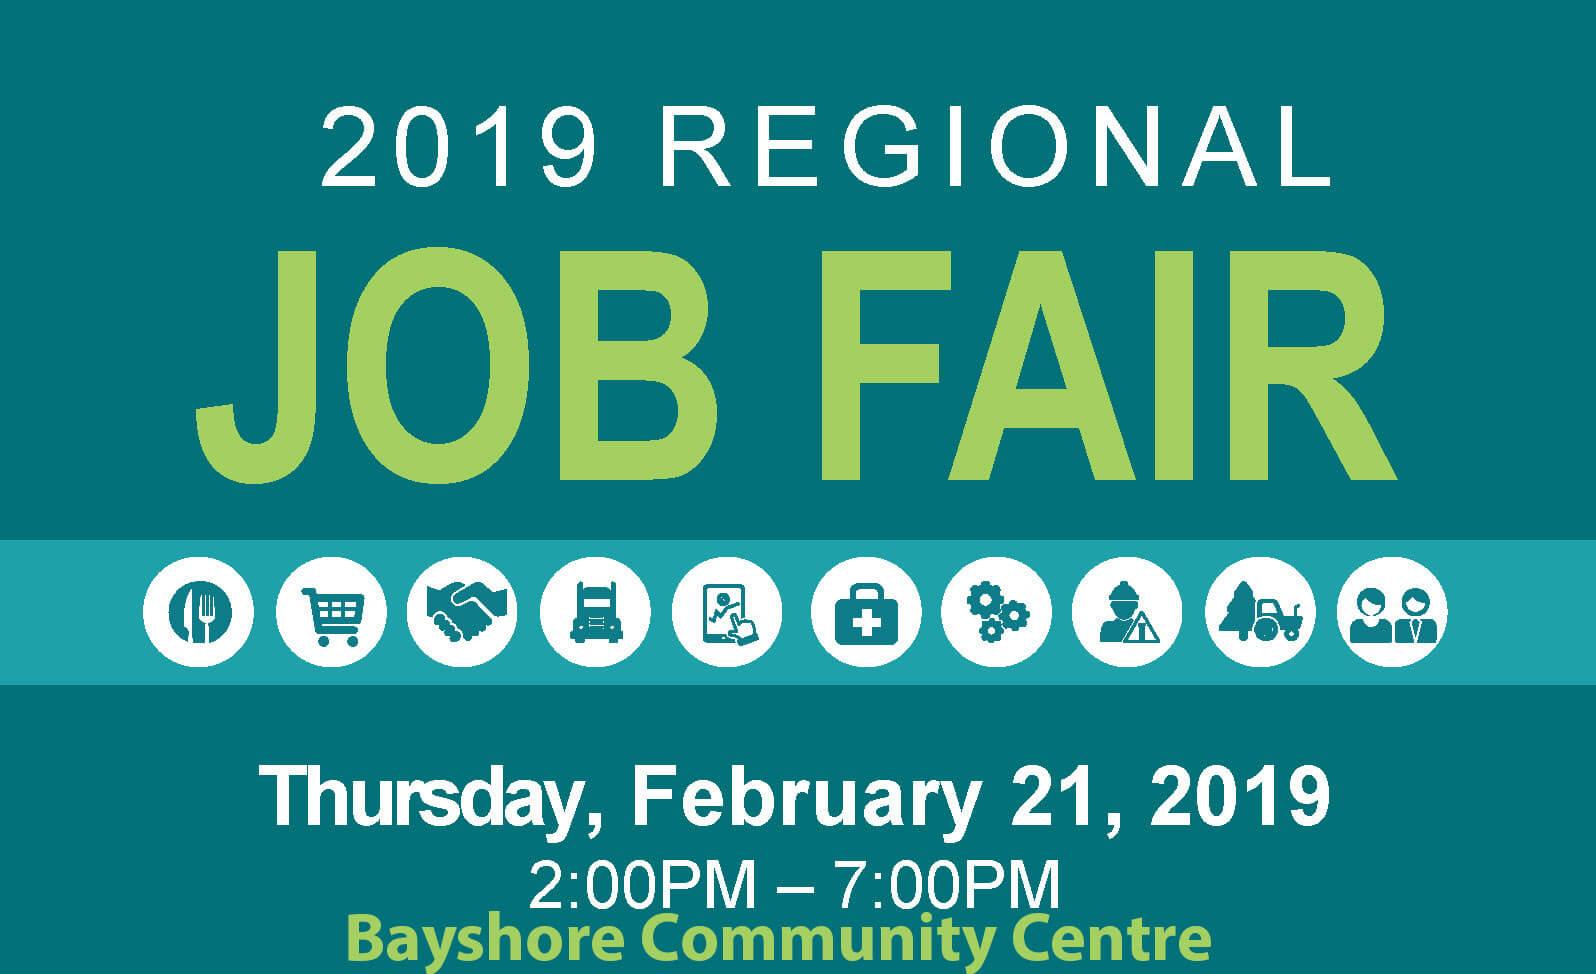 2019 job fair